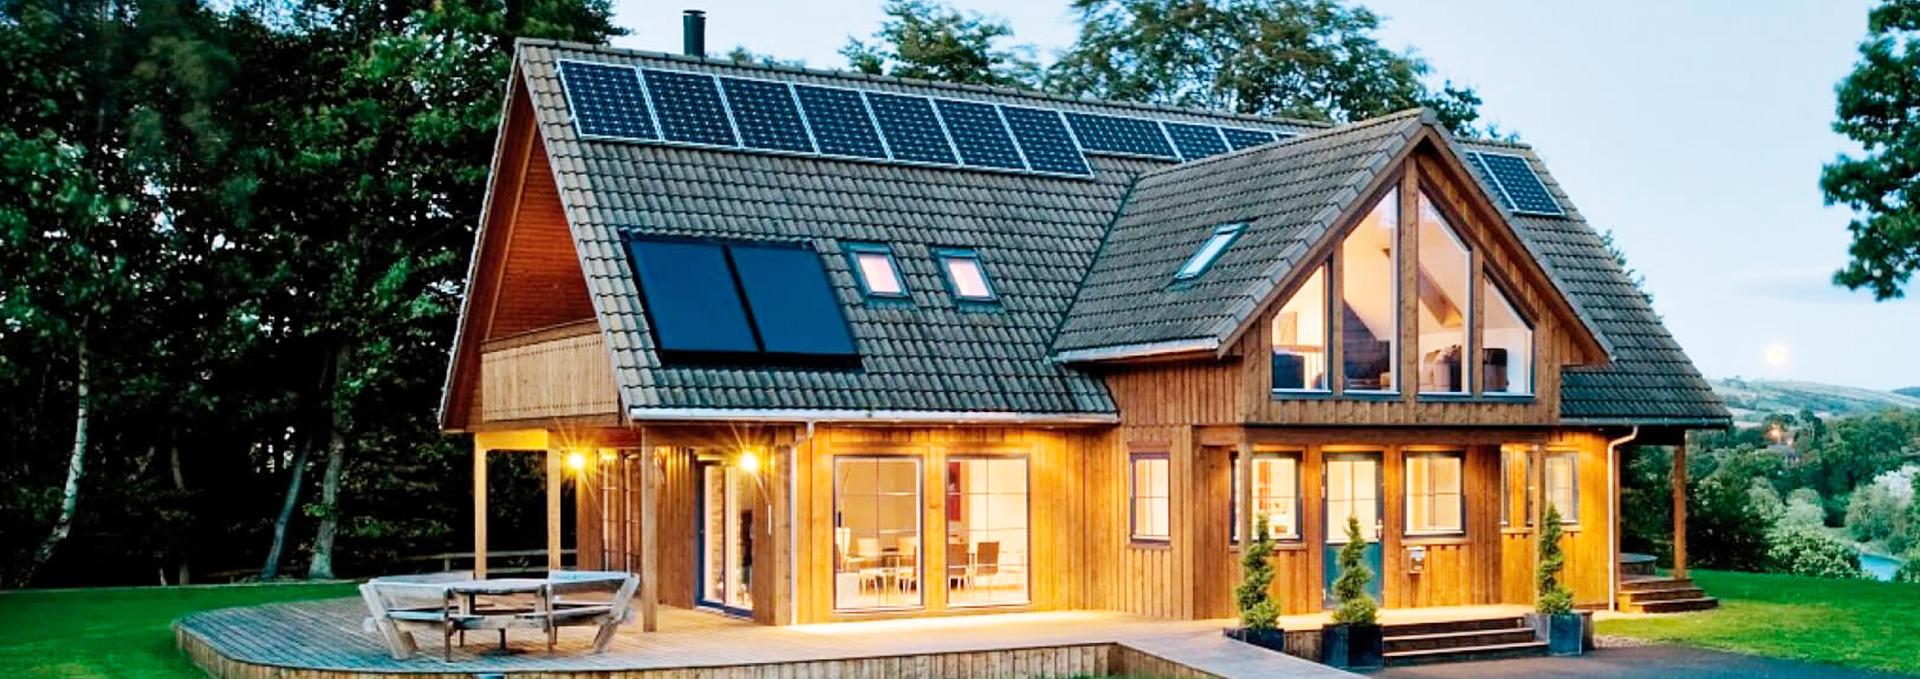 Quer Tornar Sua Casa Sustentável?